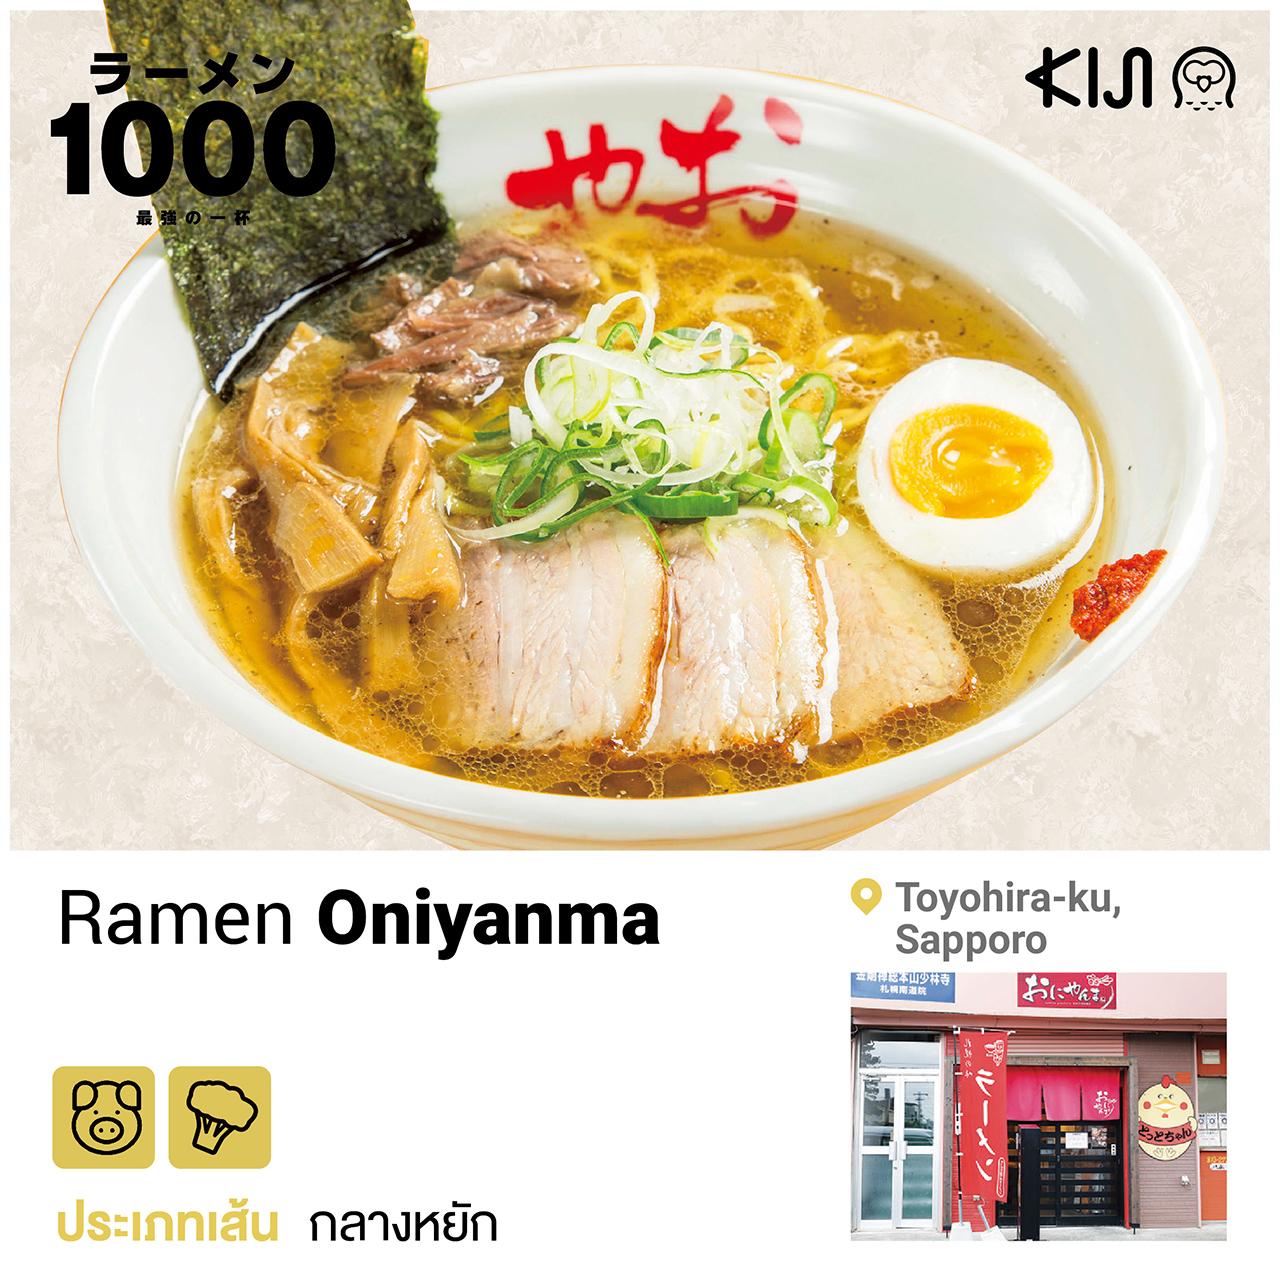 ร้านราเมนในฮอกไกโด - Ramen Oniyanma